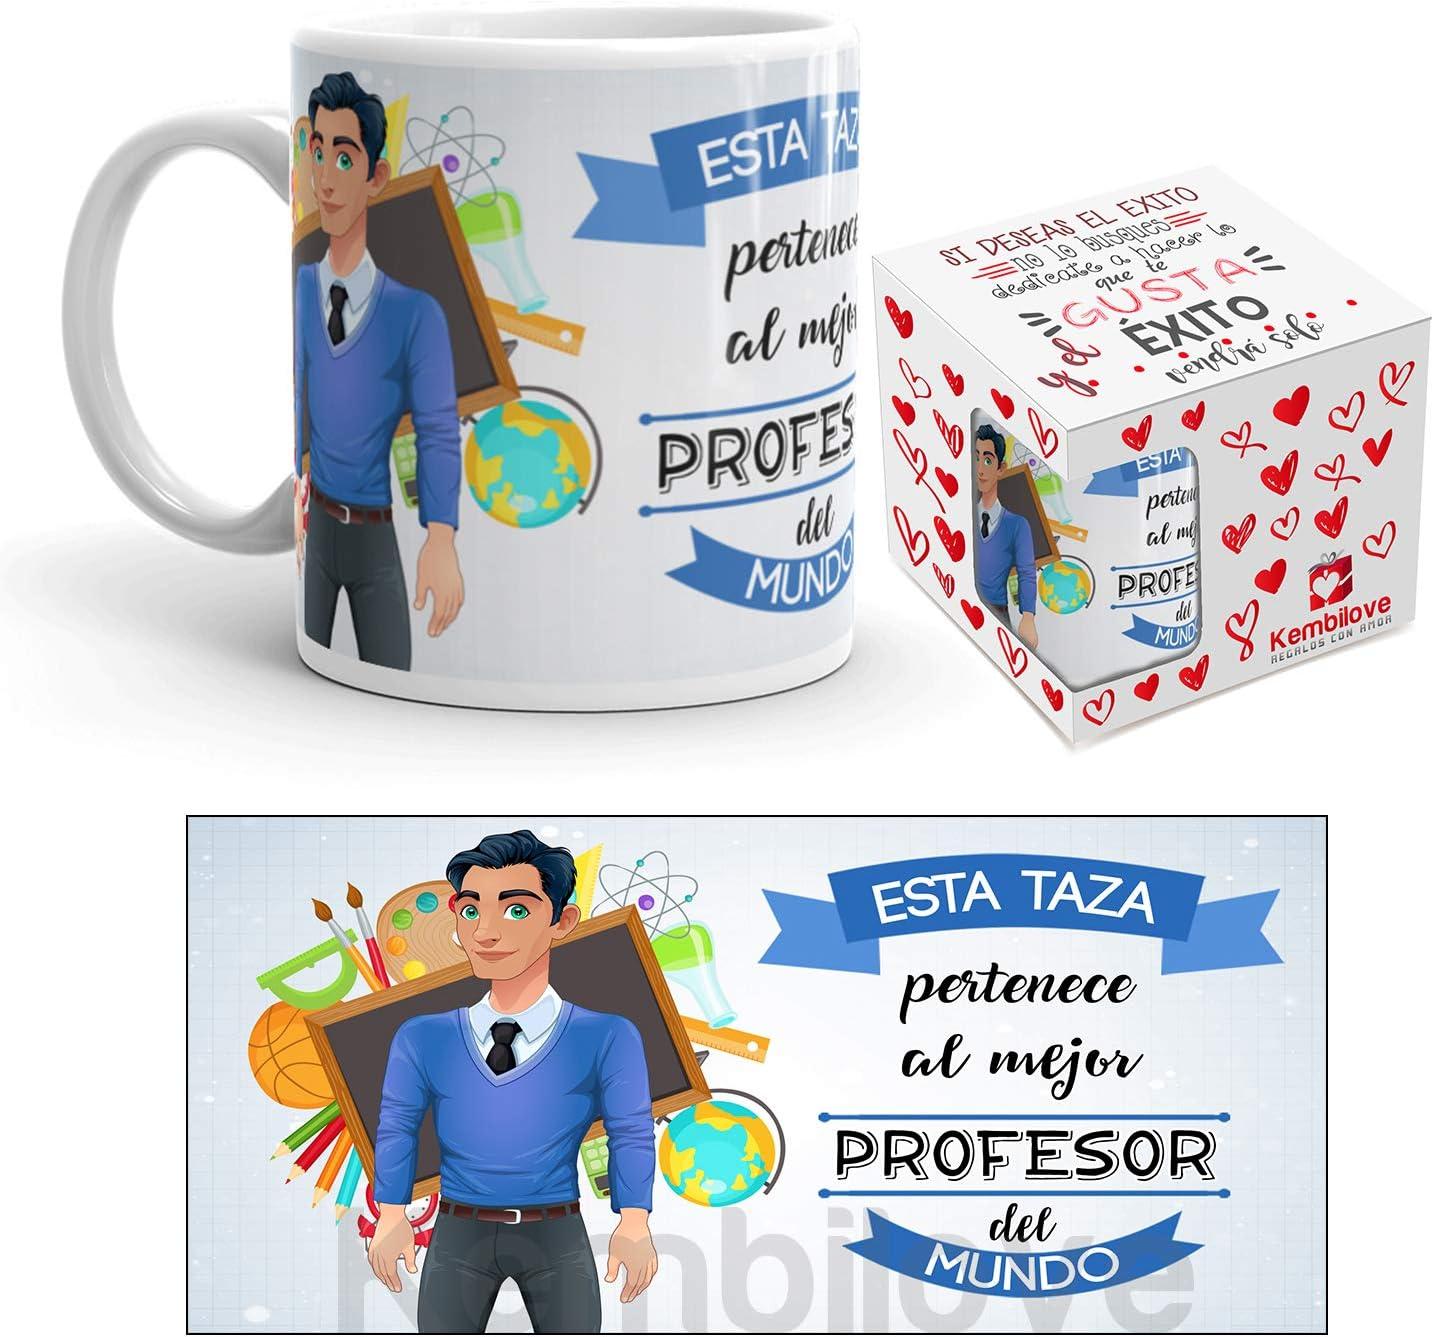 Kembilove Taza de Café del Mejor Profesor del Mundo – Taza de Desayuno para la Oficina – Taza de Café y Té para Profesionales – Taza de Cerámica Impresa – Tazas de Jefe de 350 ml para Profesores